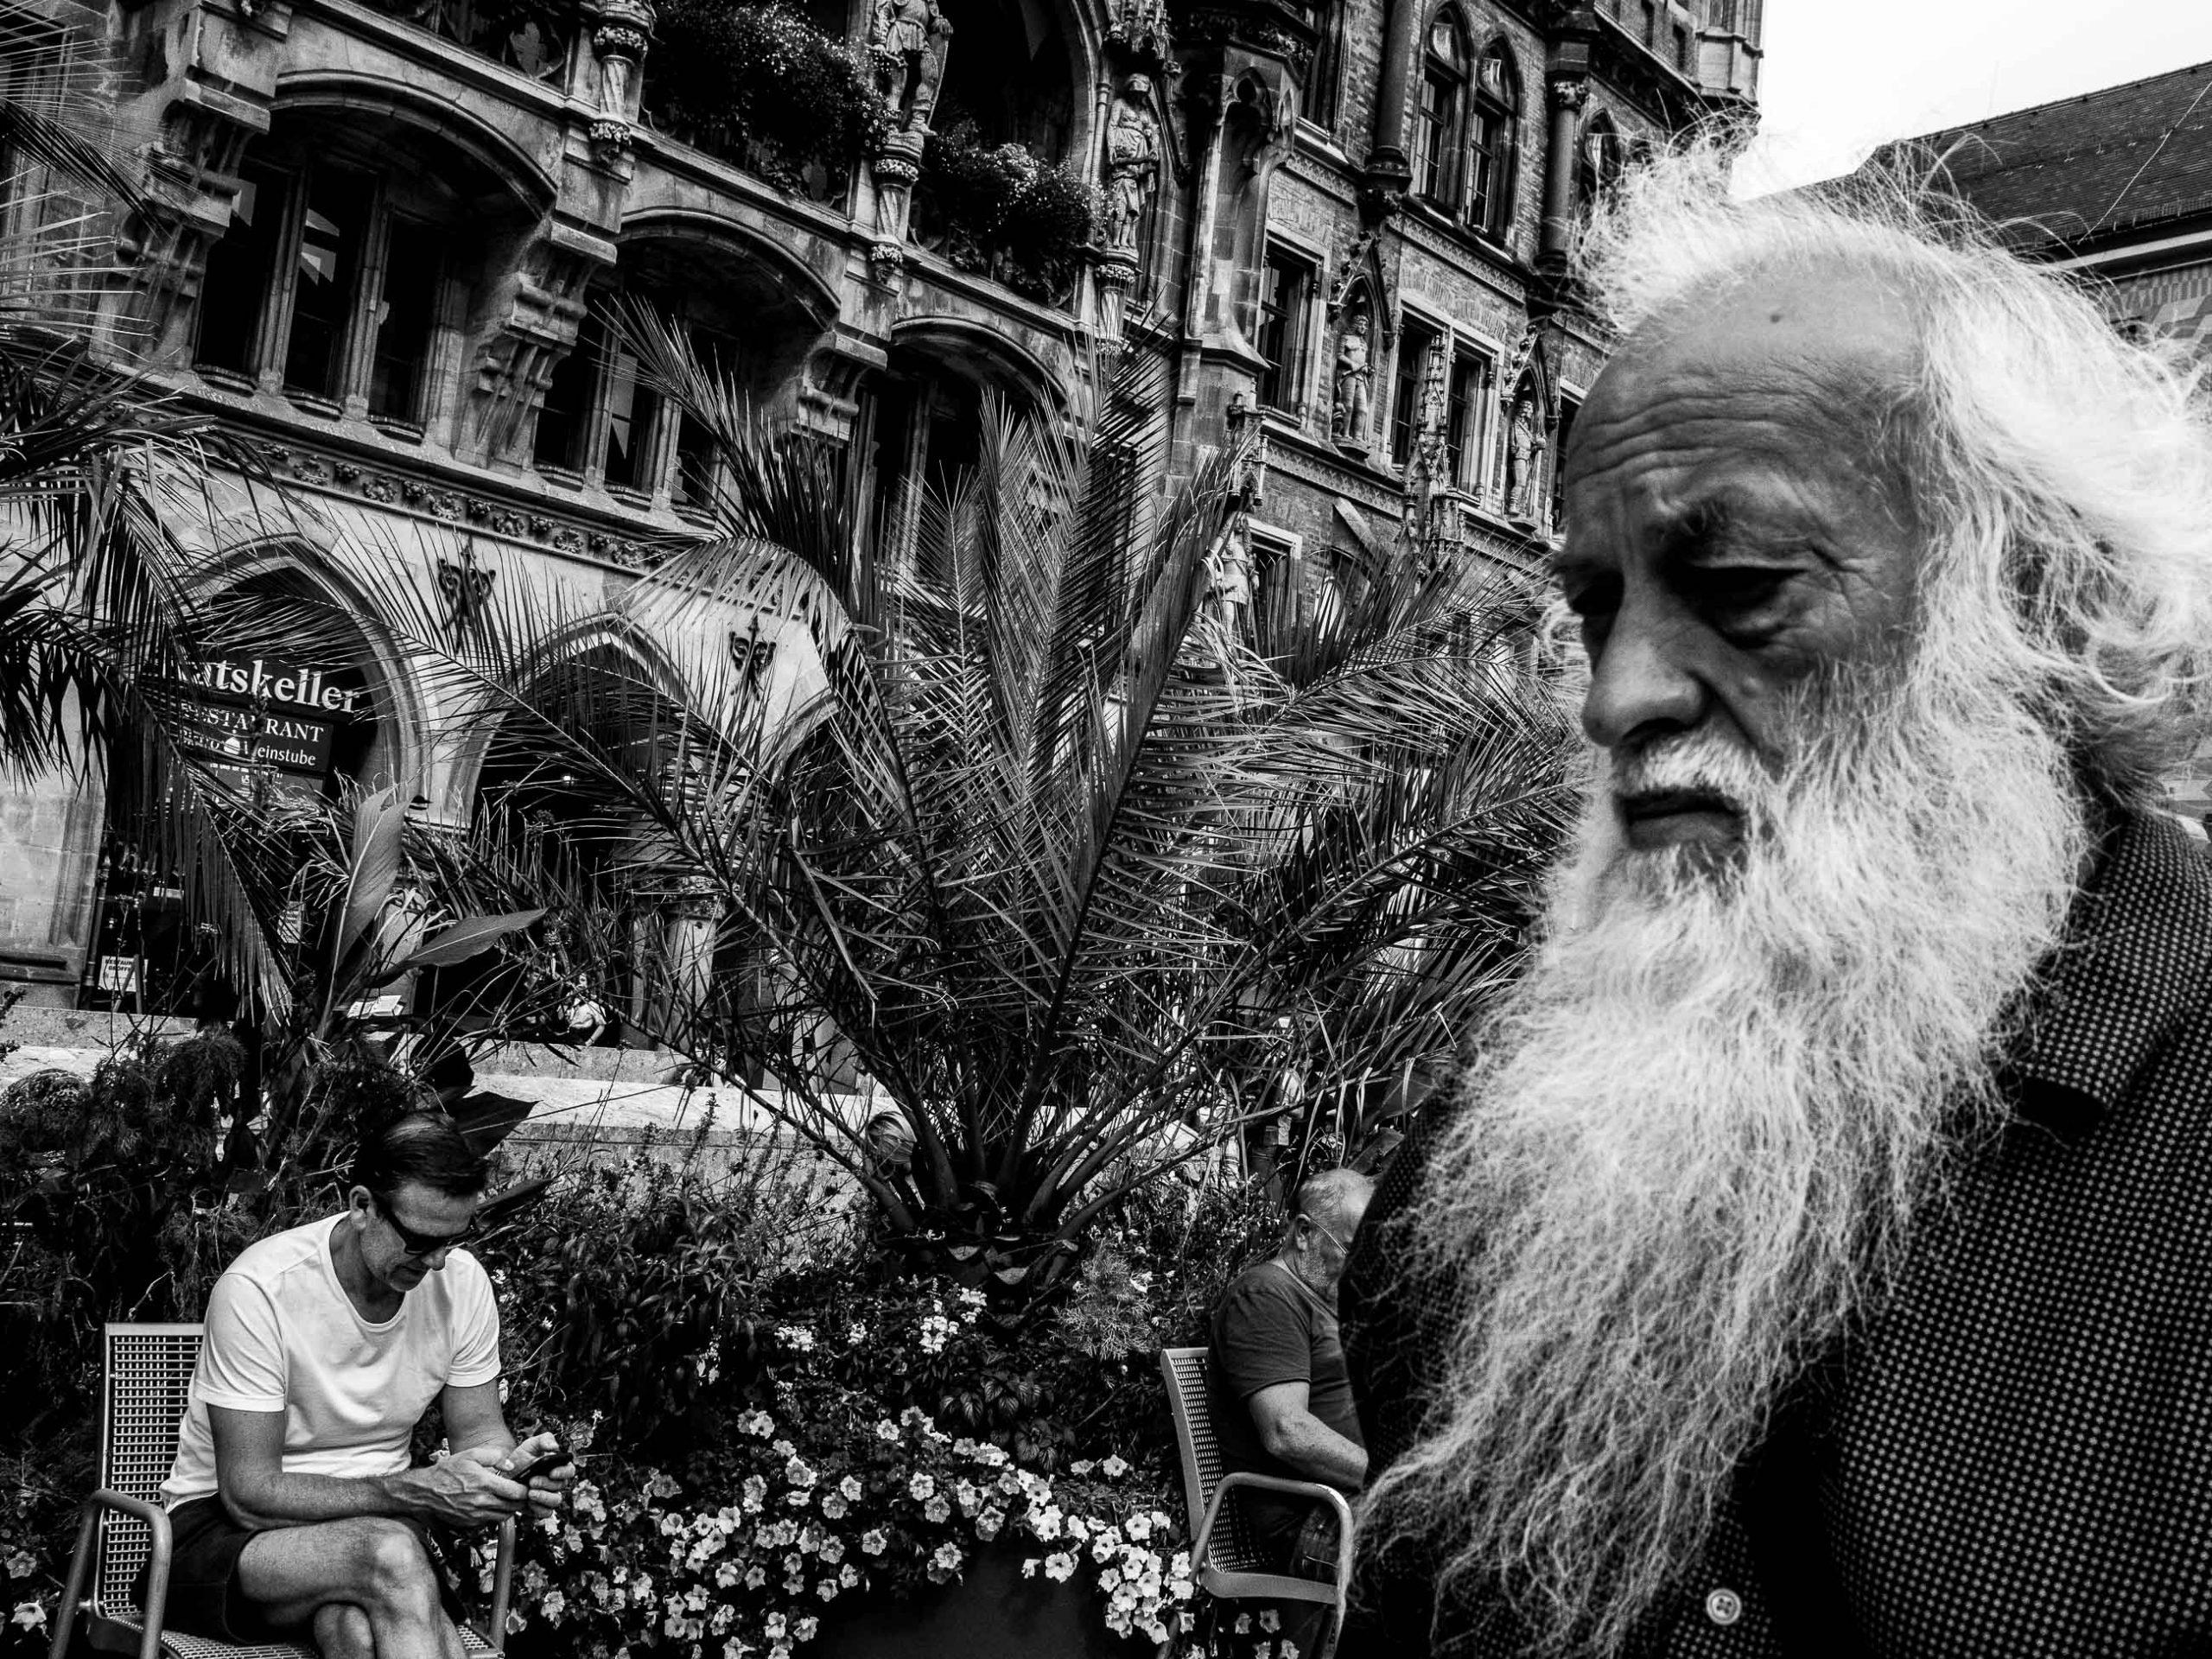 Alter Mann mit langem weißen Bart am Marienplatz in München